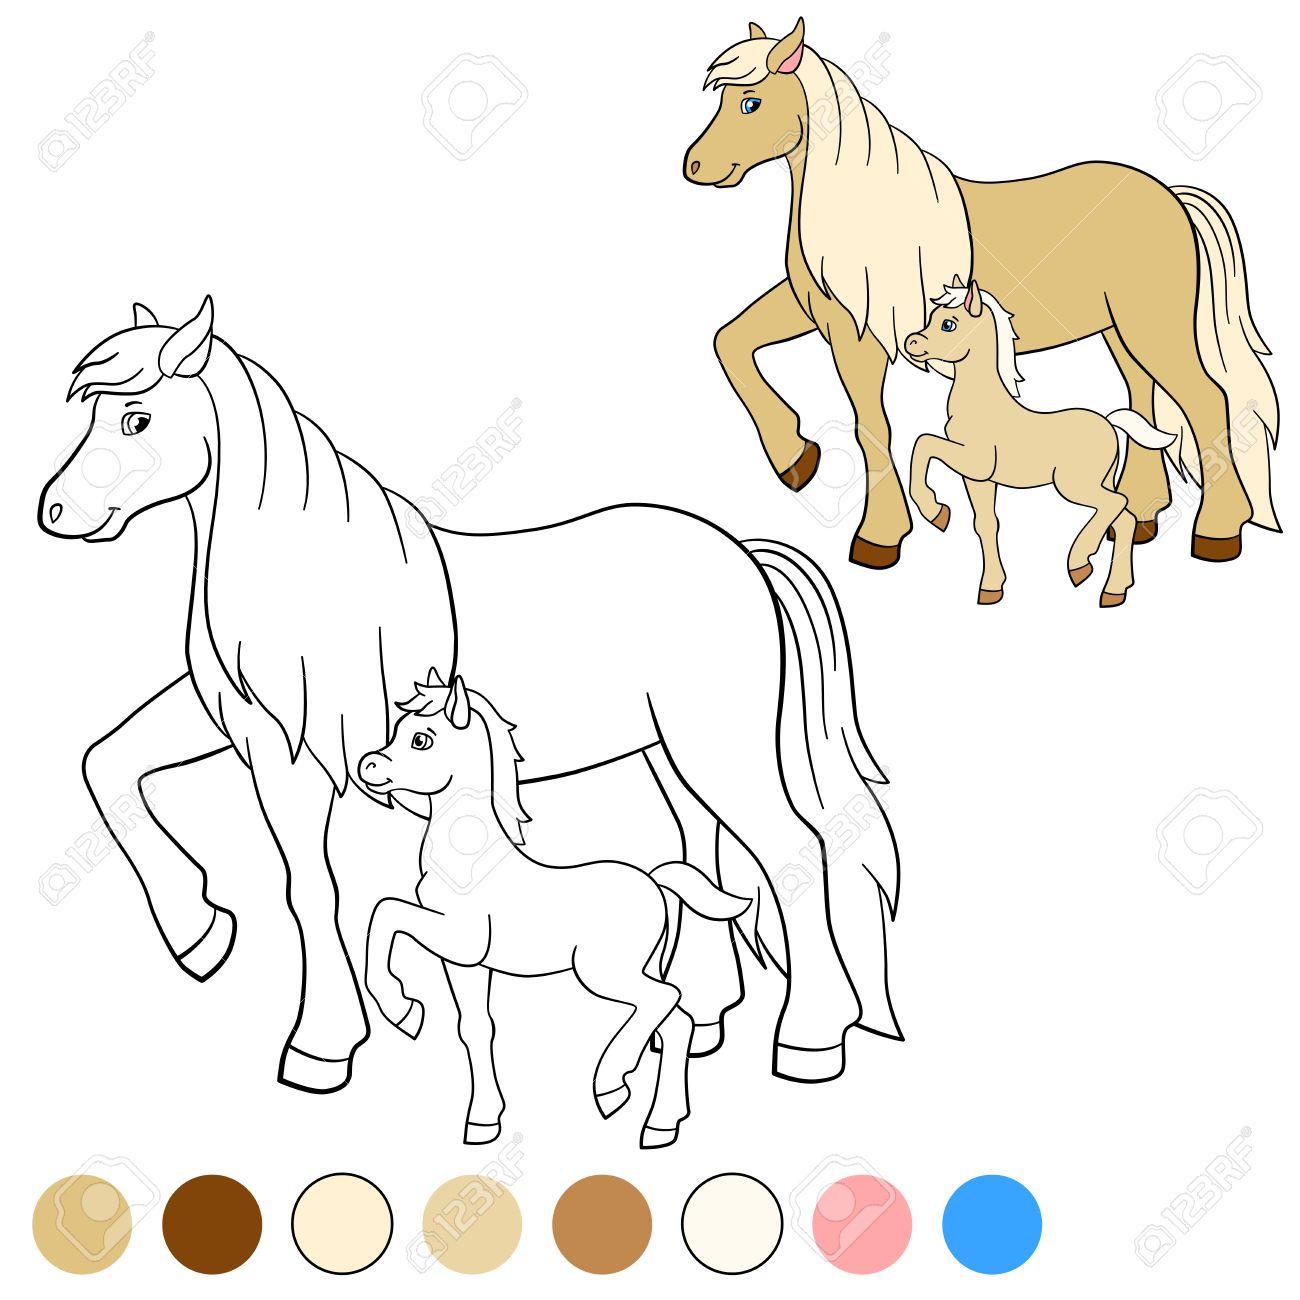 Malvorlage Color me Pferd Mutter Pferd geht mit ihrem kleinen niedlichen Fohlen